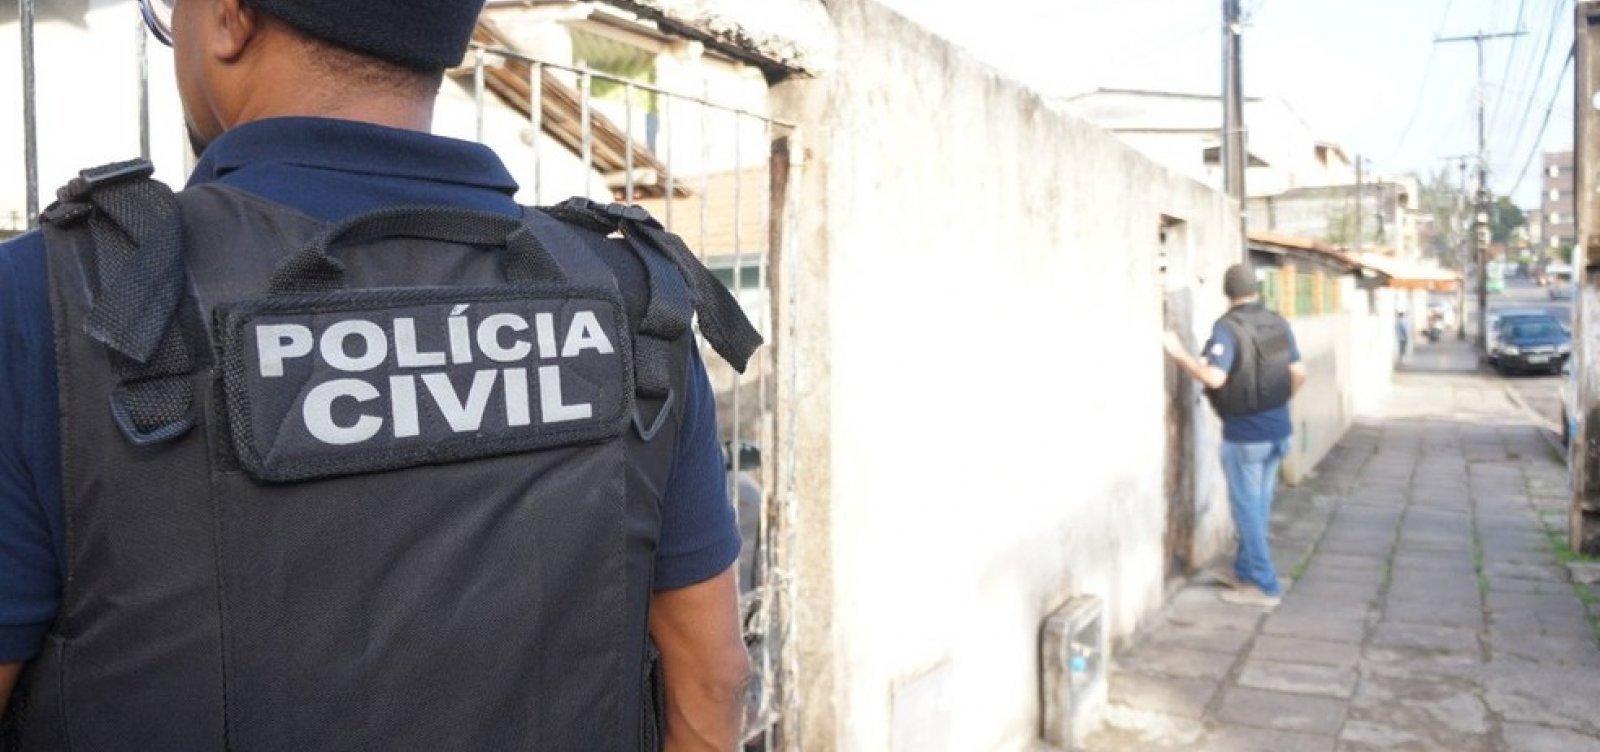 Salvador registra nove homicídios no sábado, diz SSP